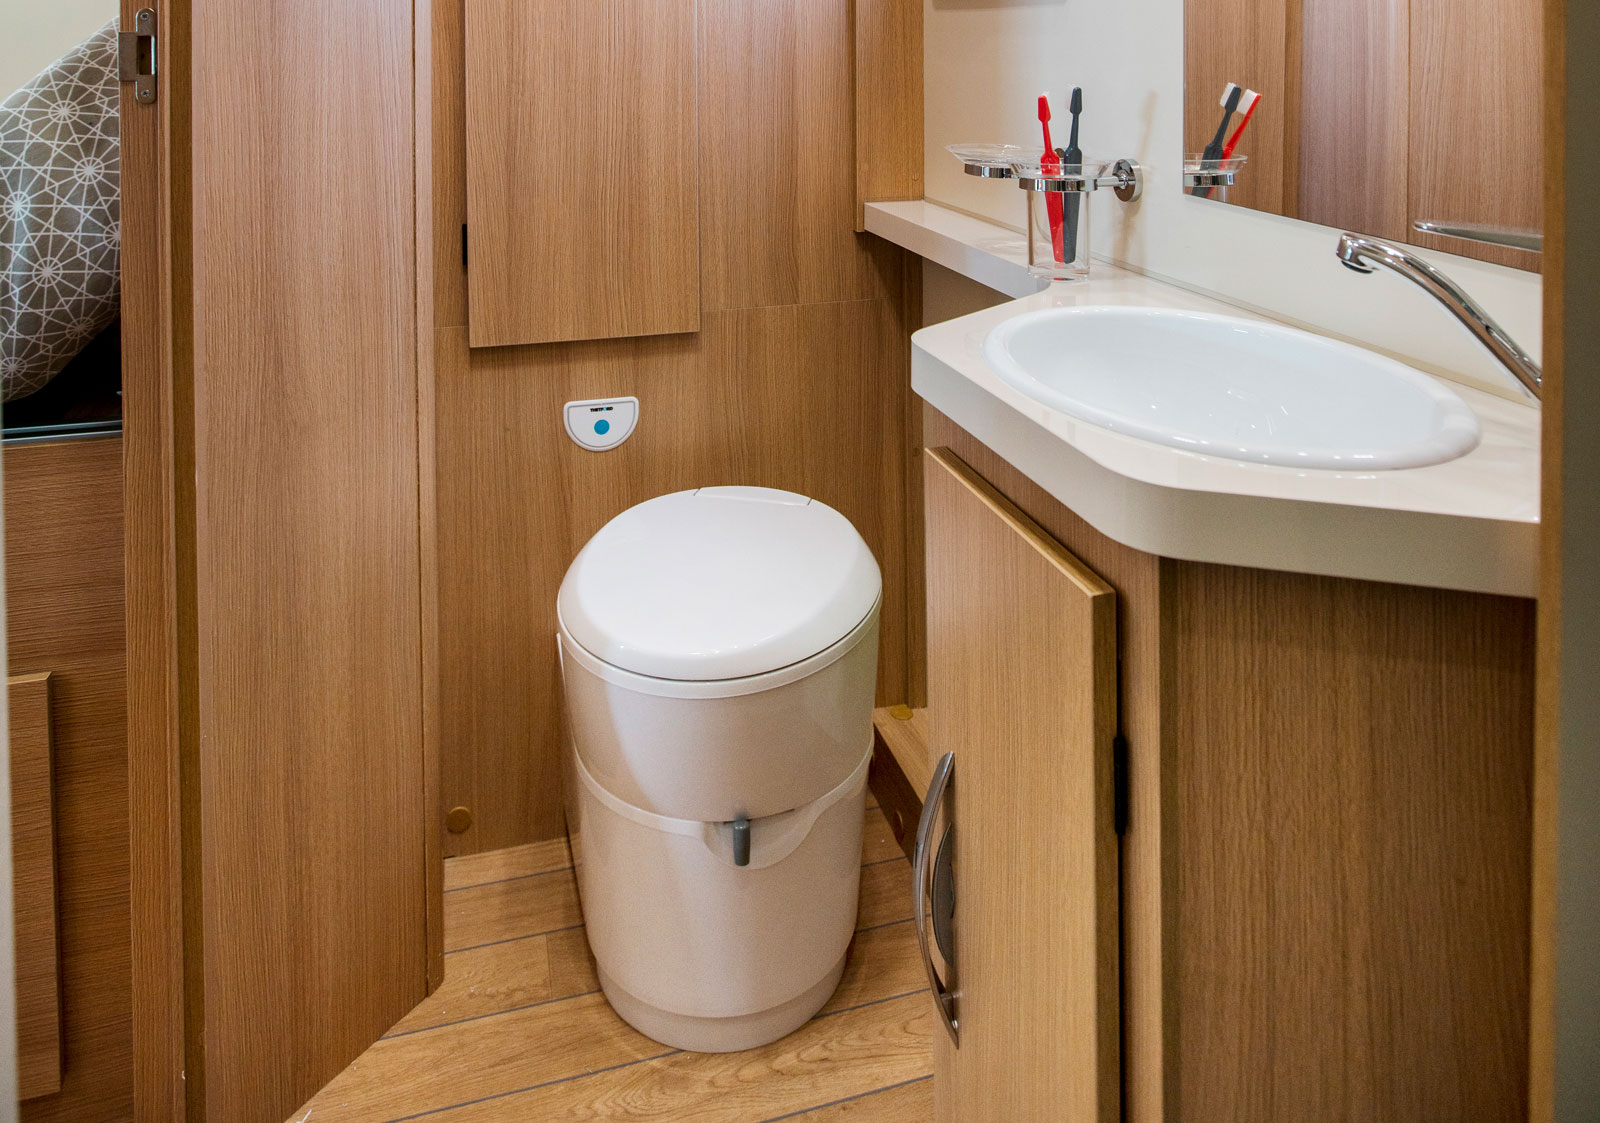 Toalettrummet är en av bilens stora fördelar. Garderoben bakom toan kan även nås från sovrummet. Bra med vädringsfönster.